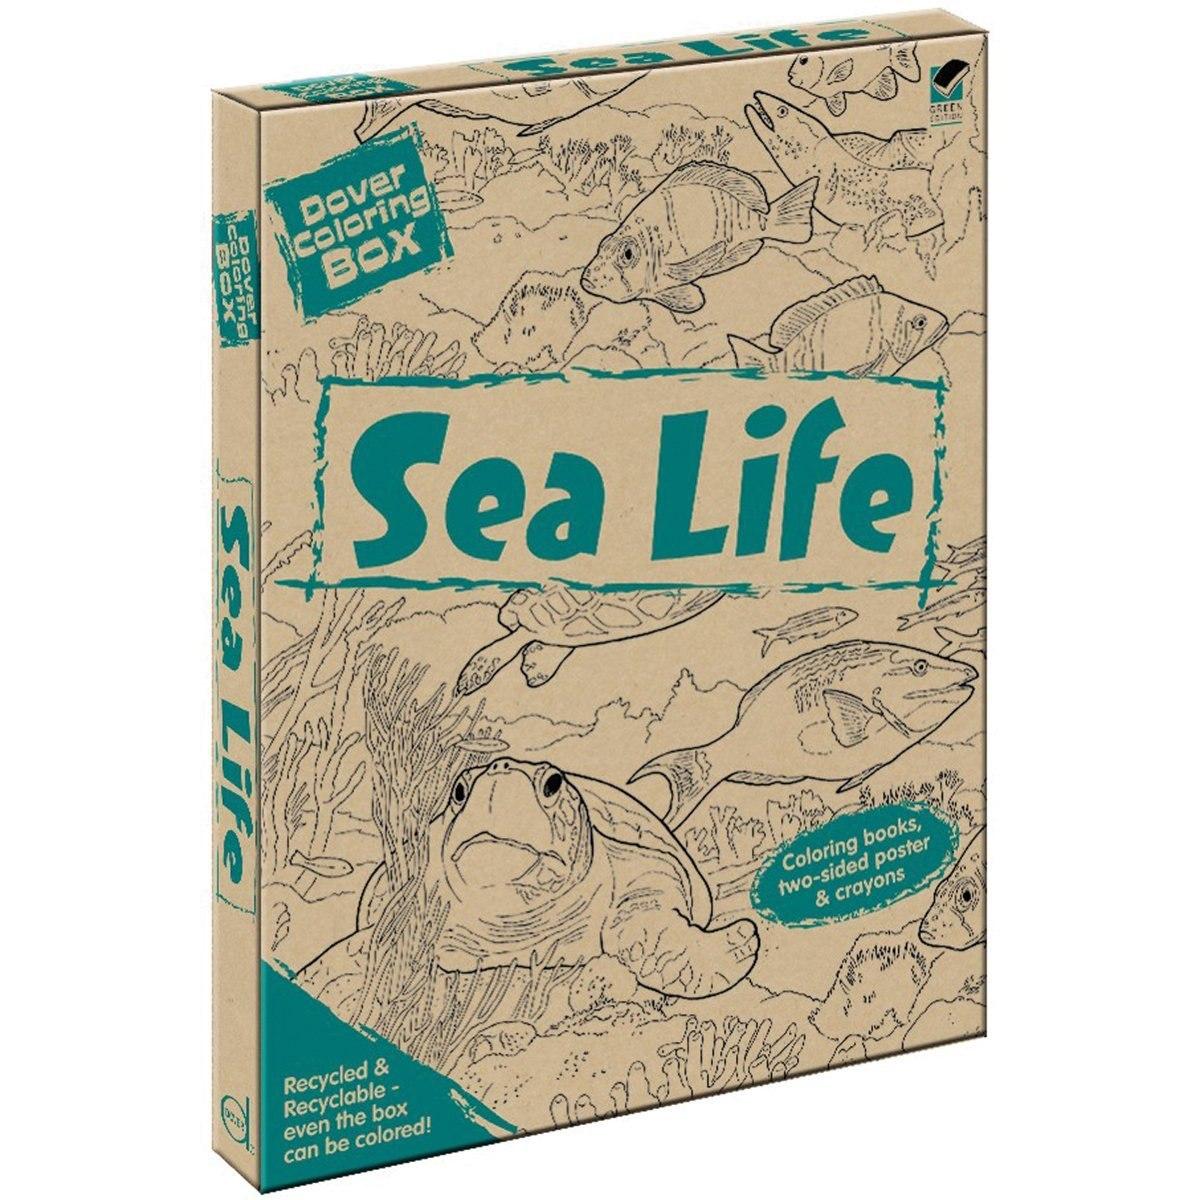 Kit De Caja De Colorear Dover Sea Life ... - $ 134.674 en Mercado Libre